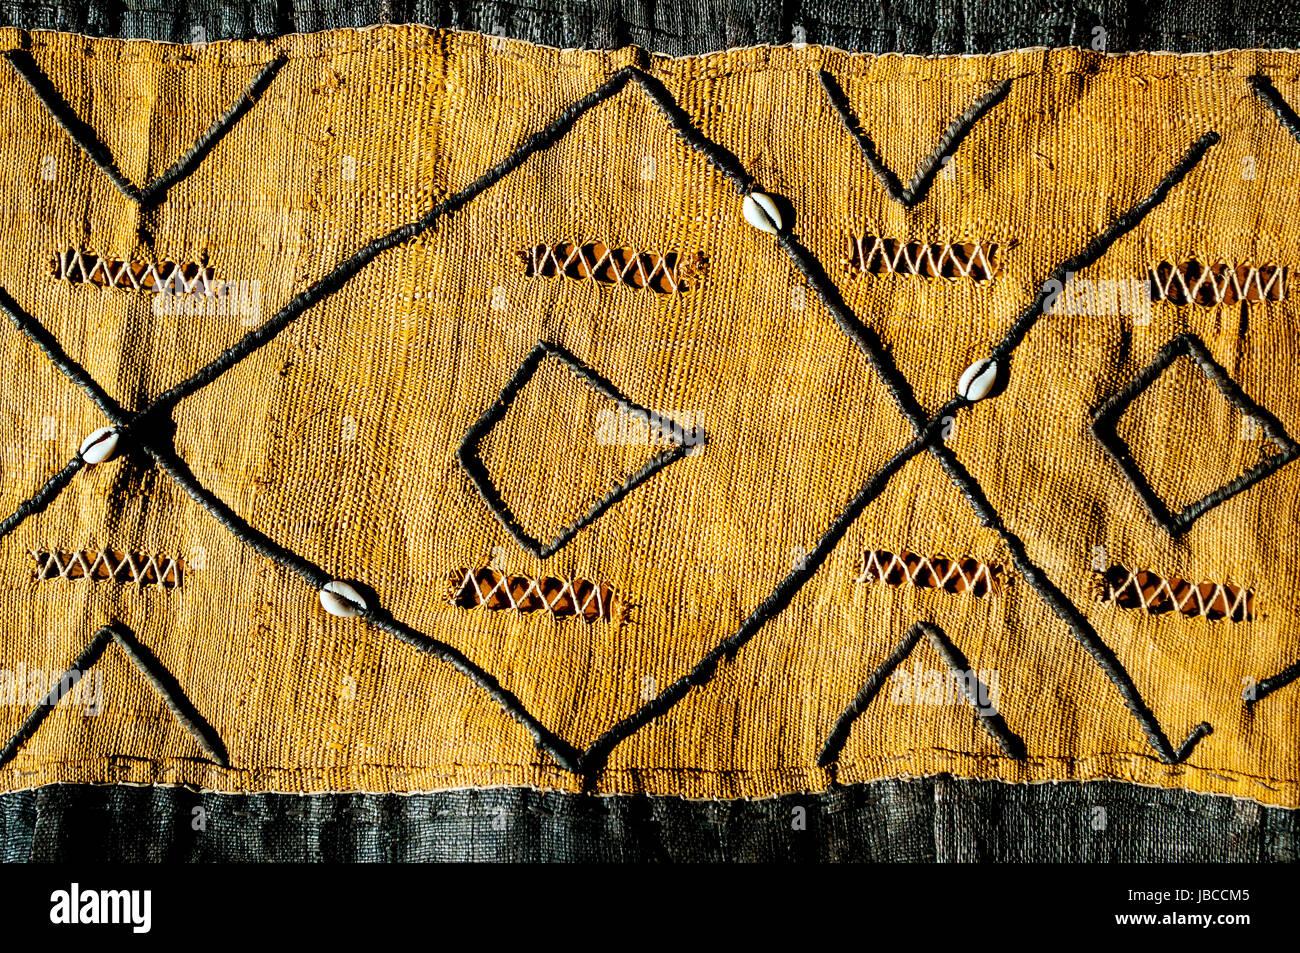 kuba raffia cloth from democratic republic of congo in studio setting Stock Photo